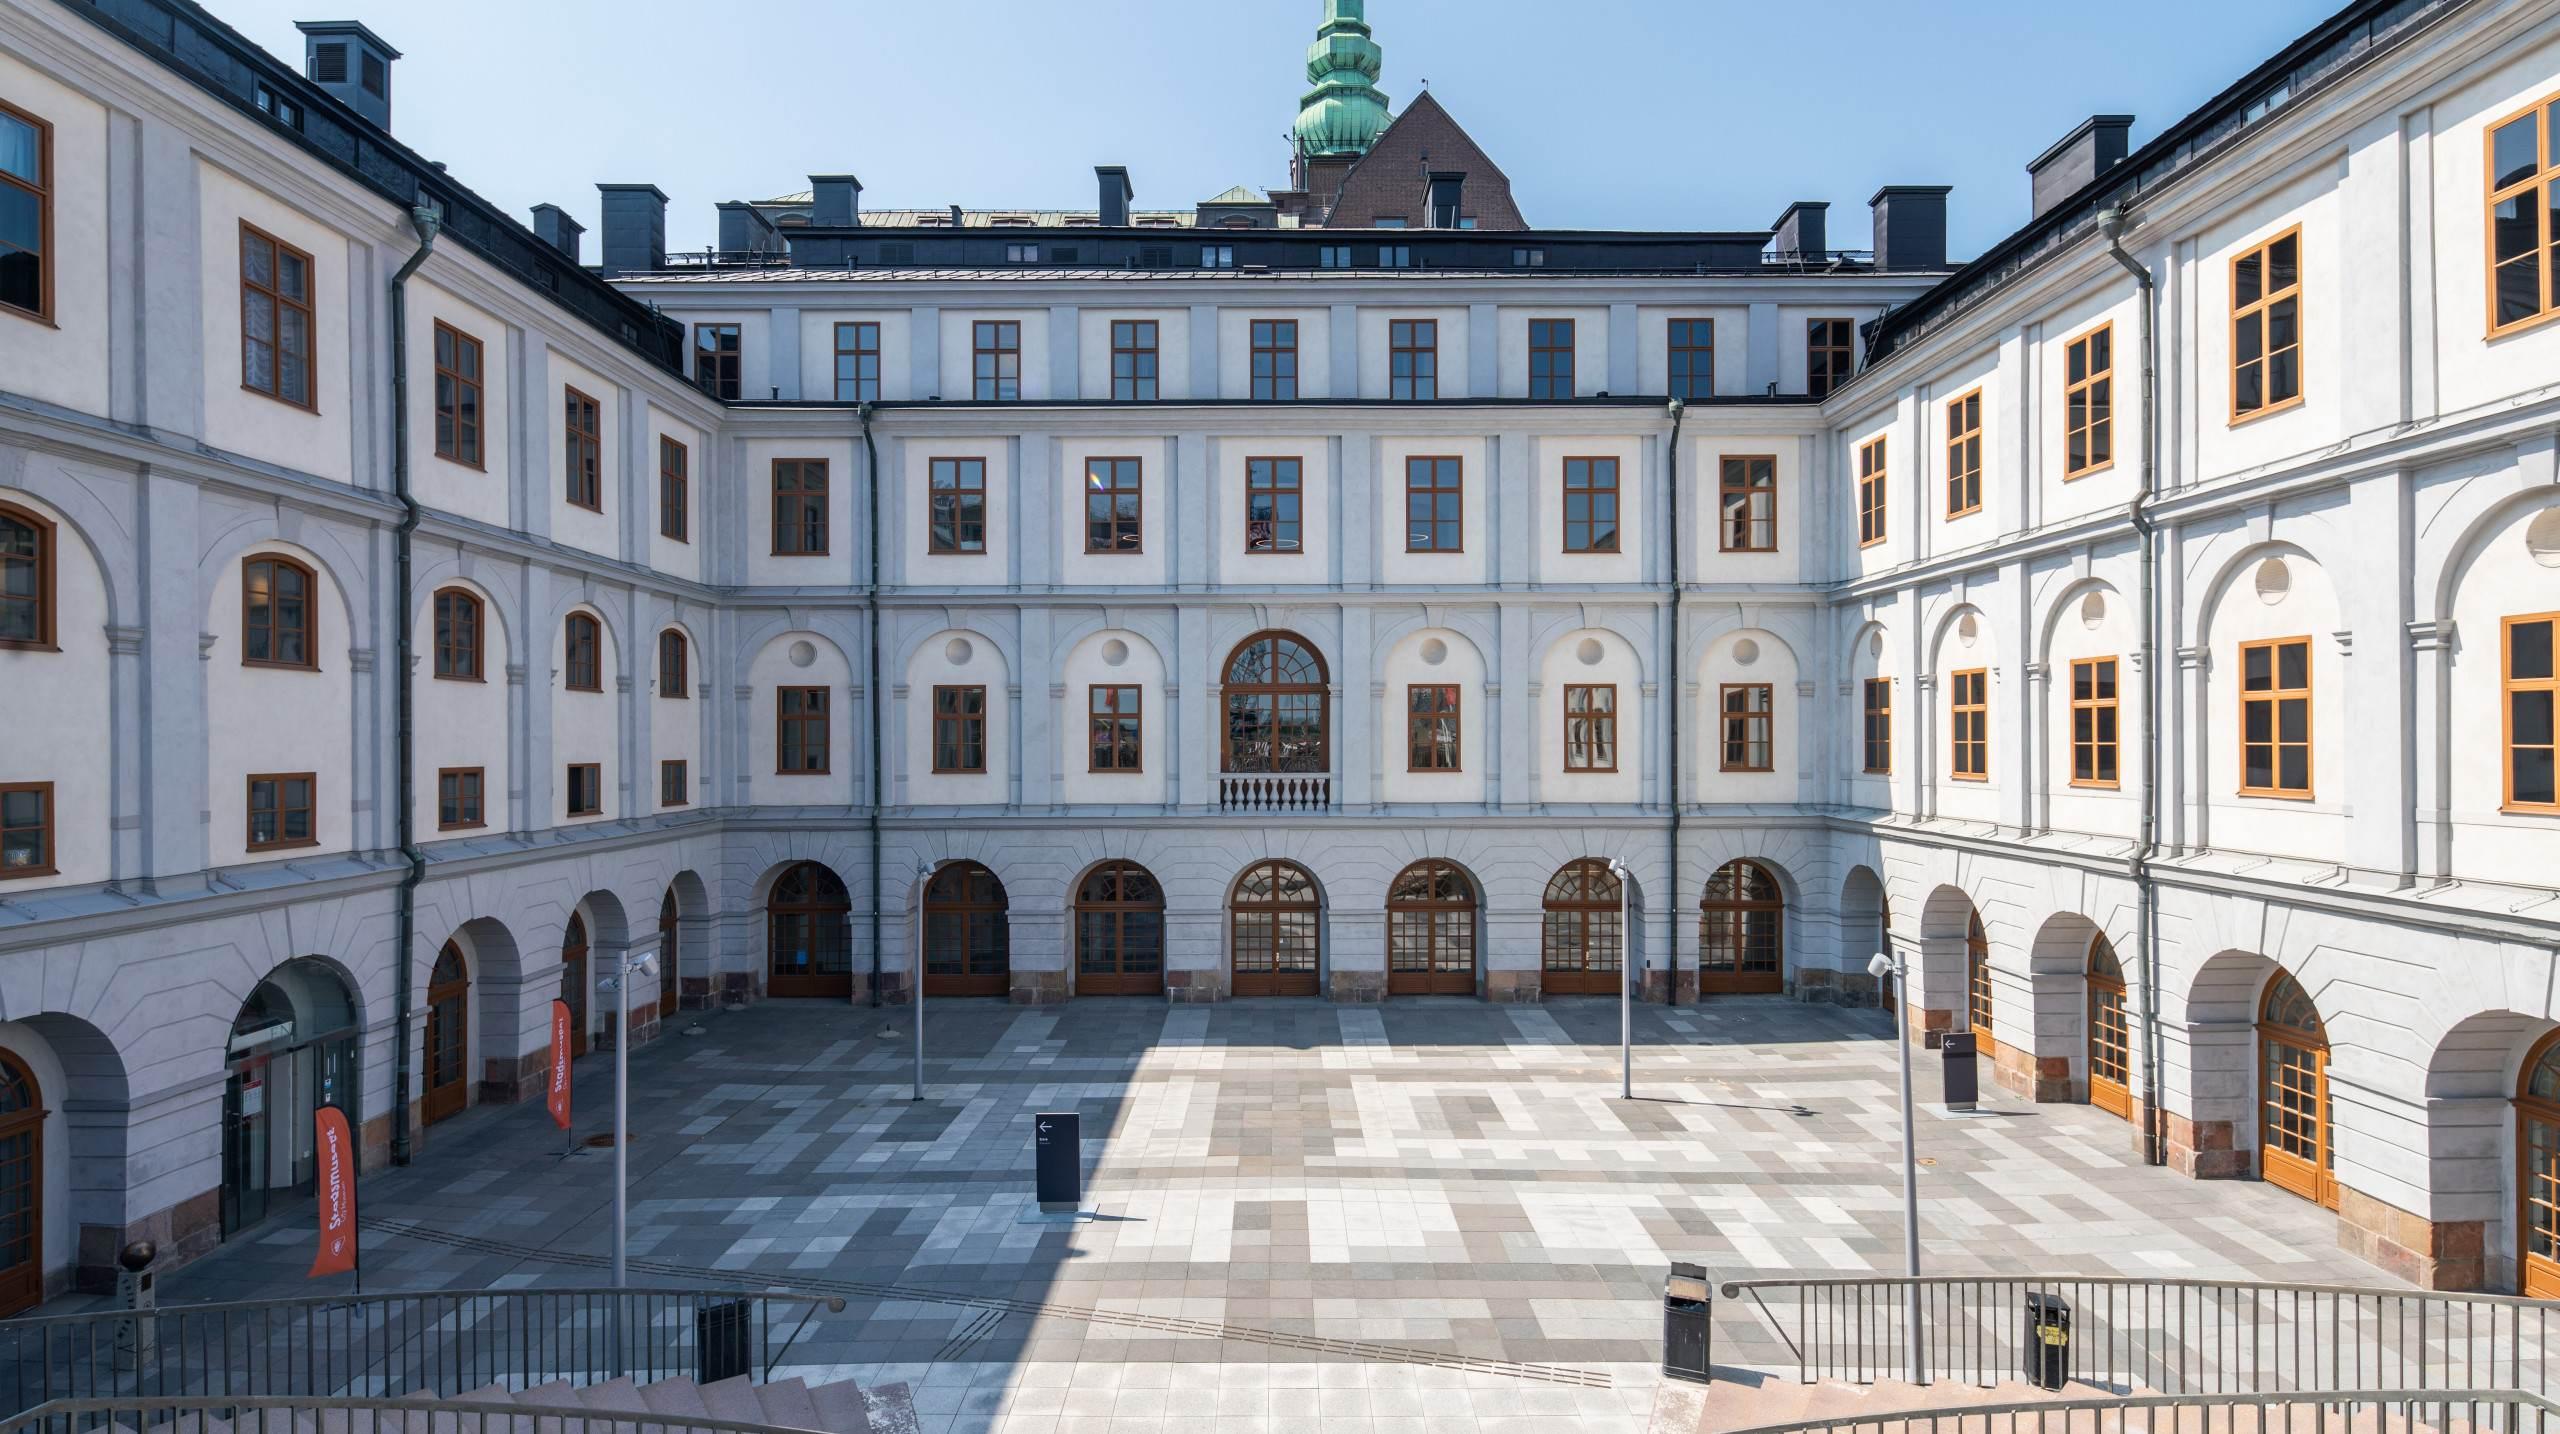 Stockholm City Museum. Photographed by architectural photographer Mattias Hamrén.